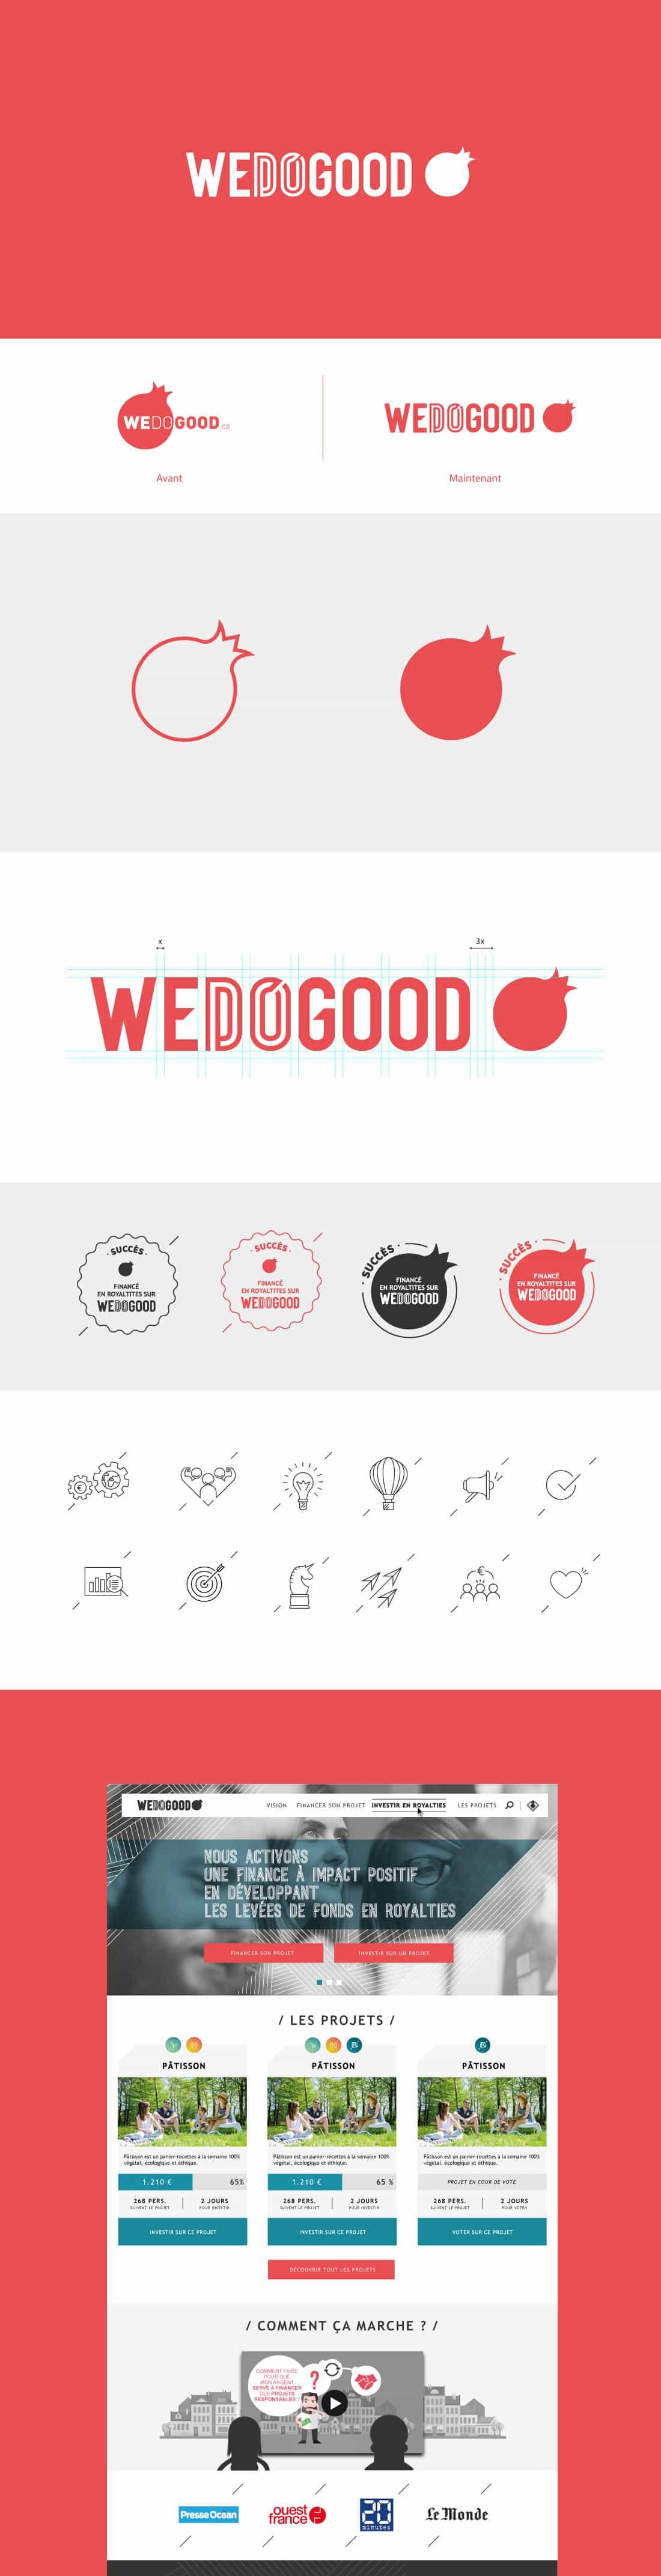 wedogood brand design et identité visuelle